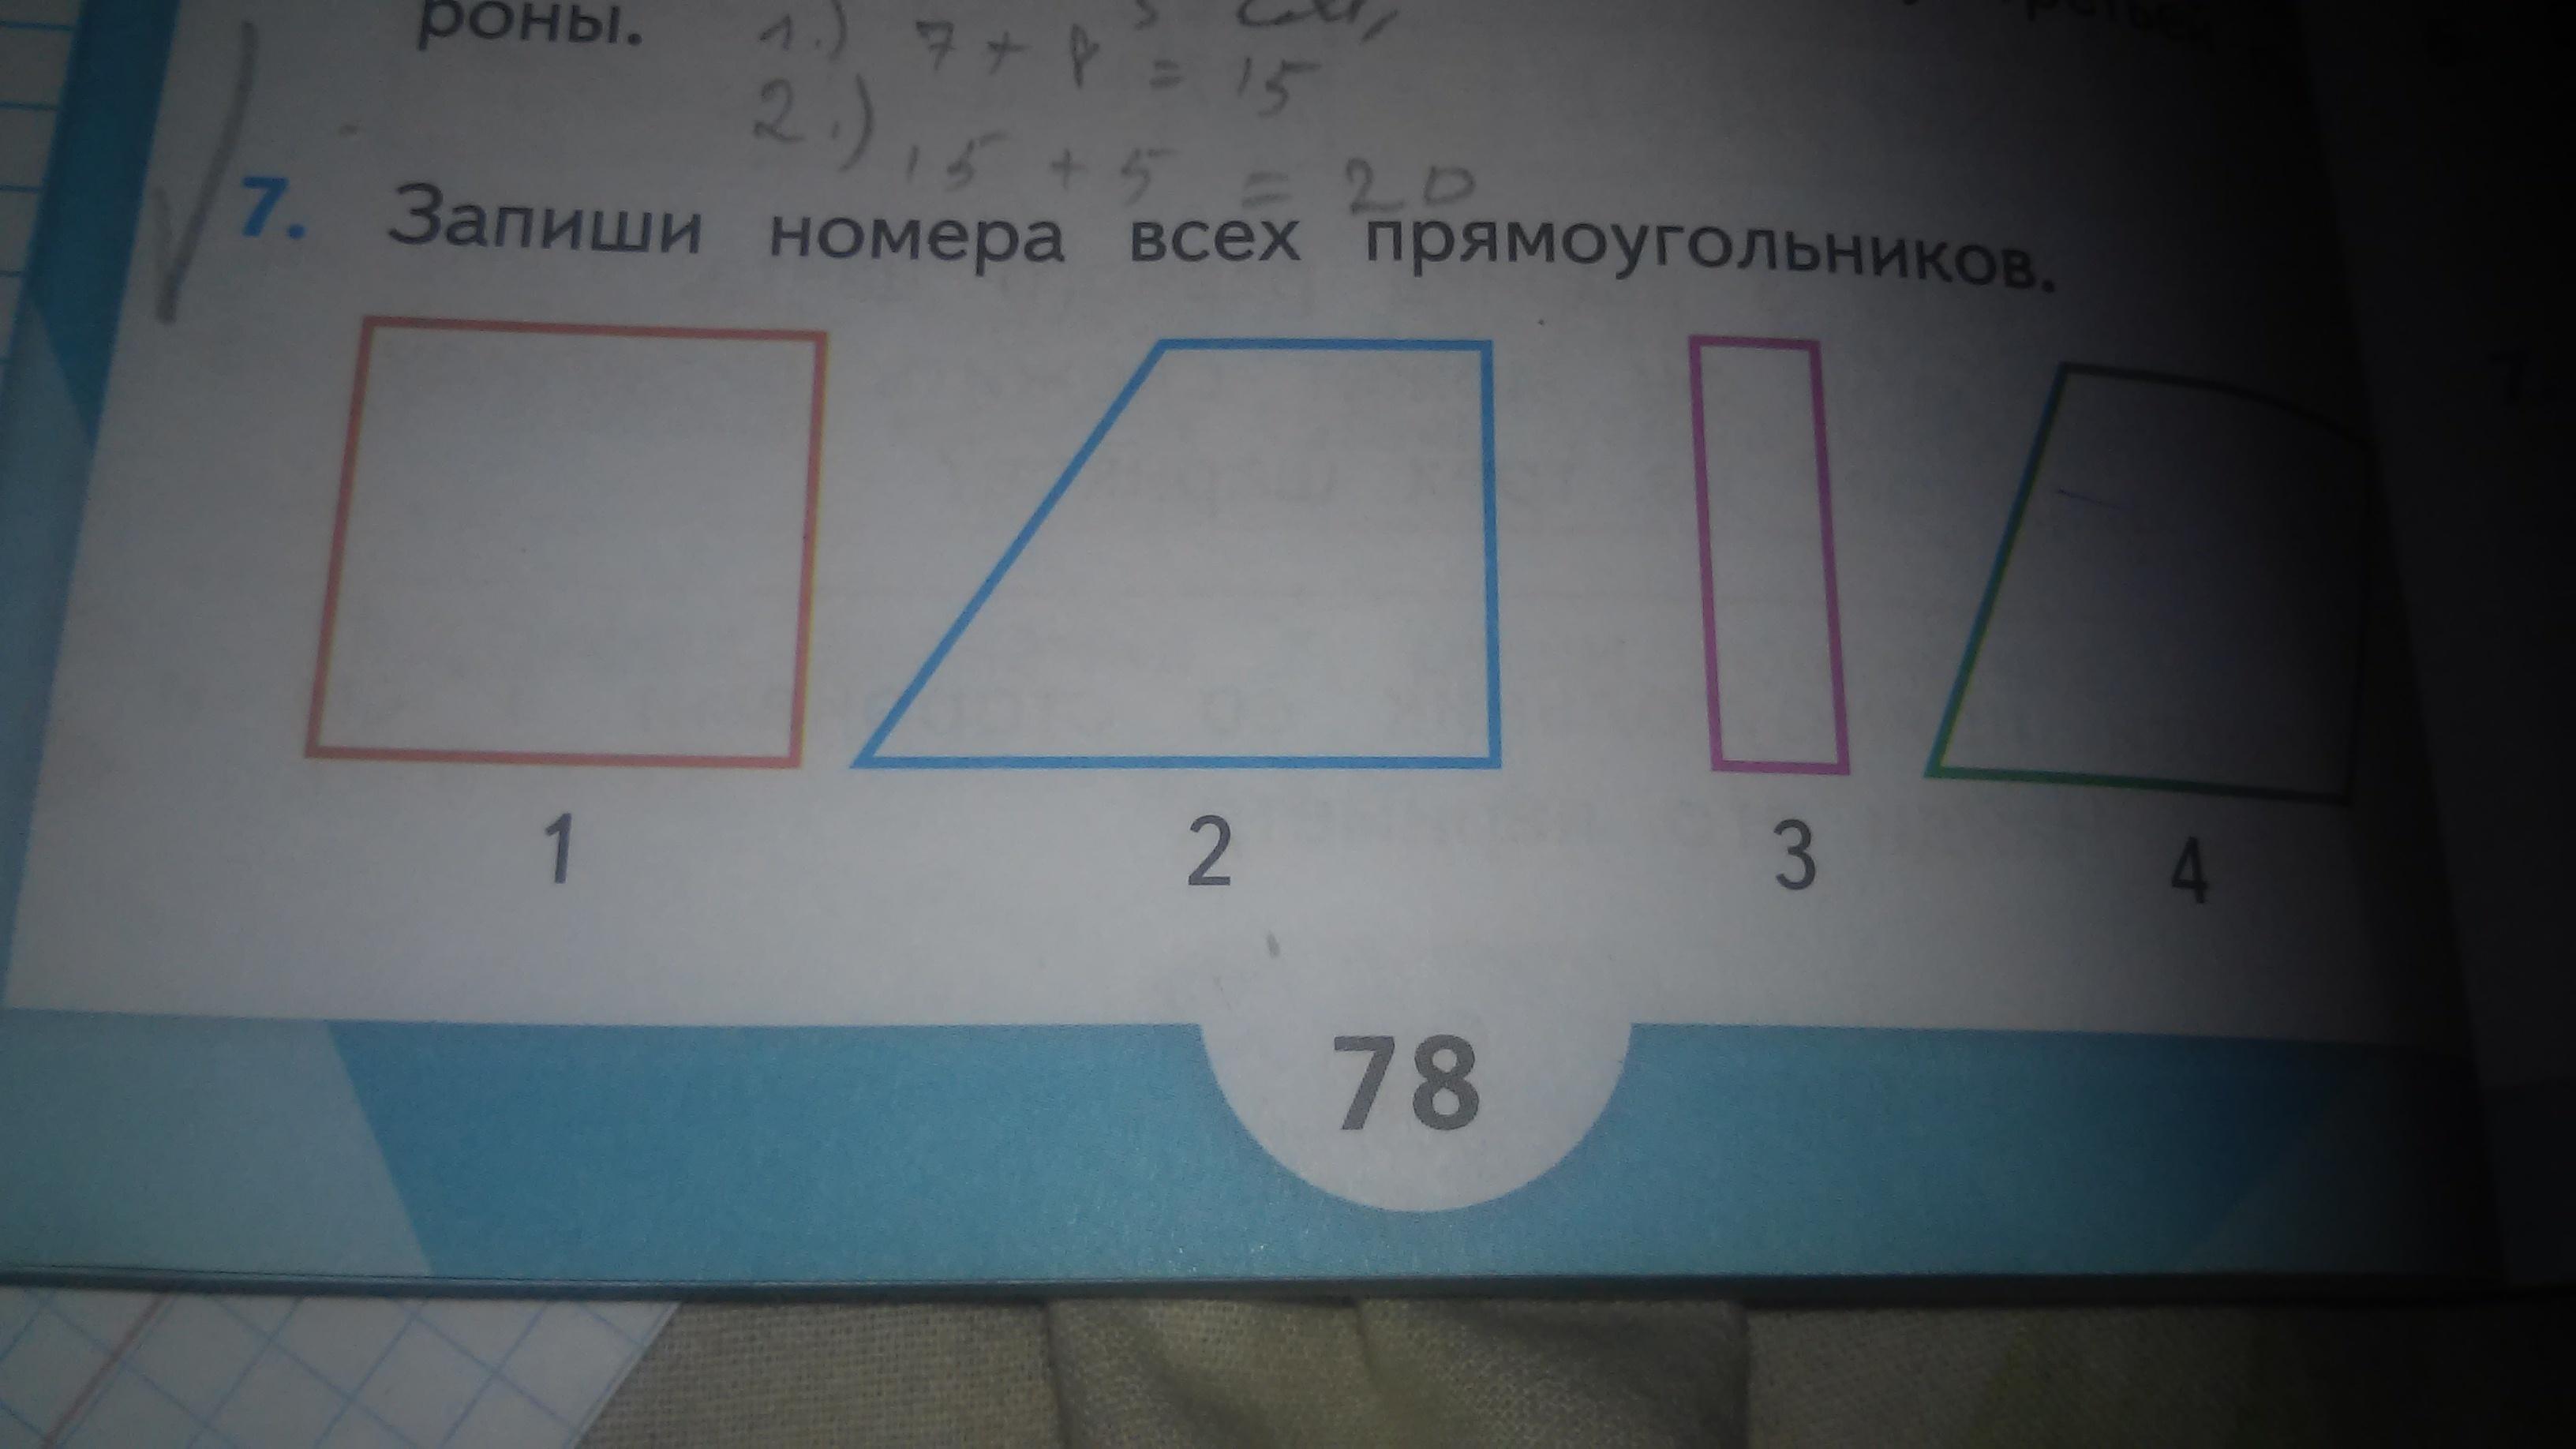 Запиши номера всех прямоугольников